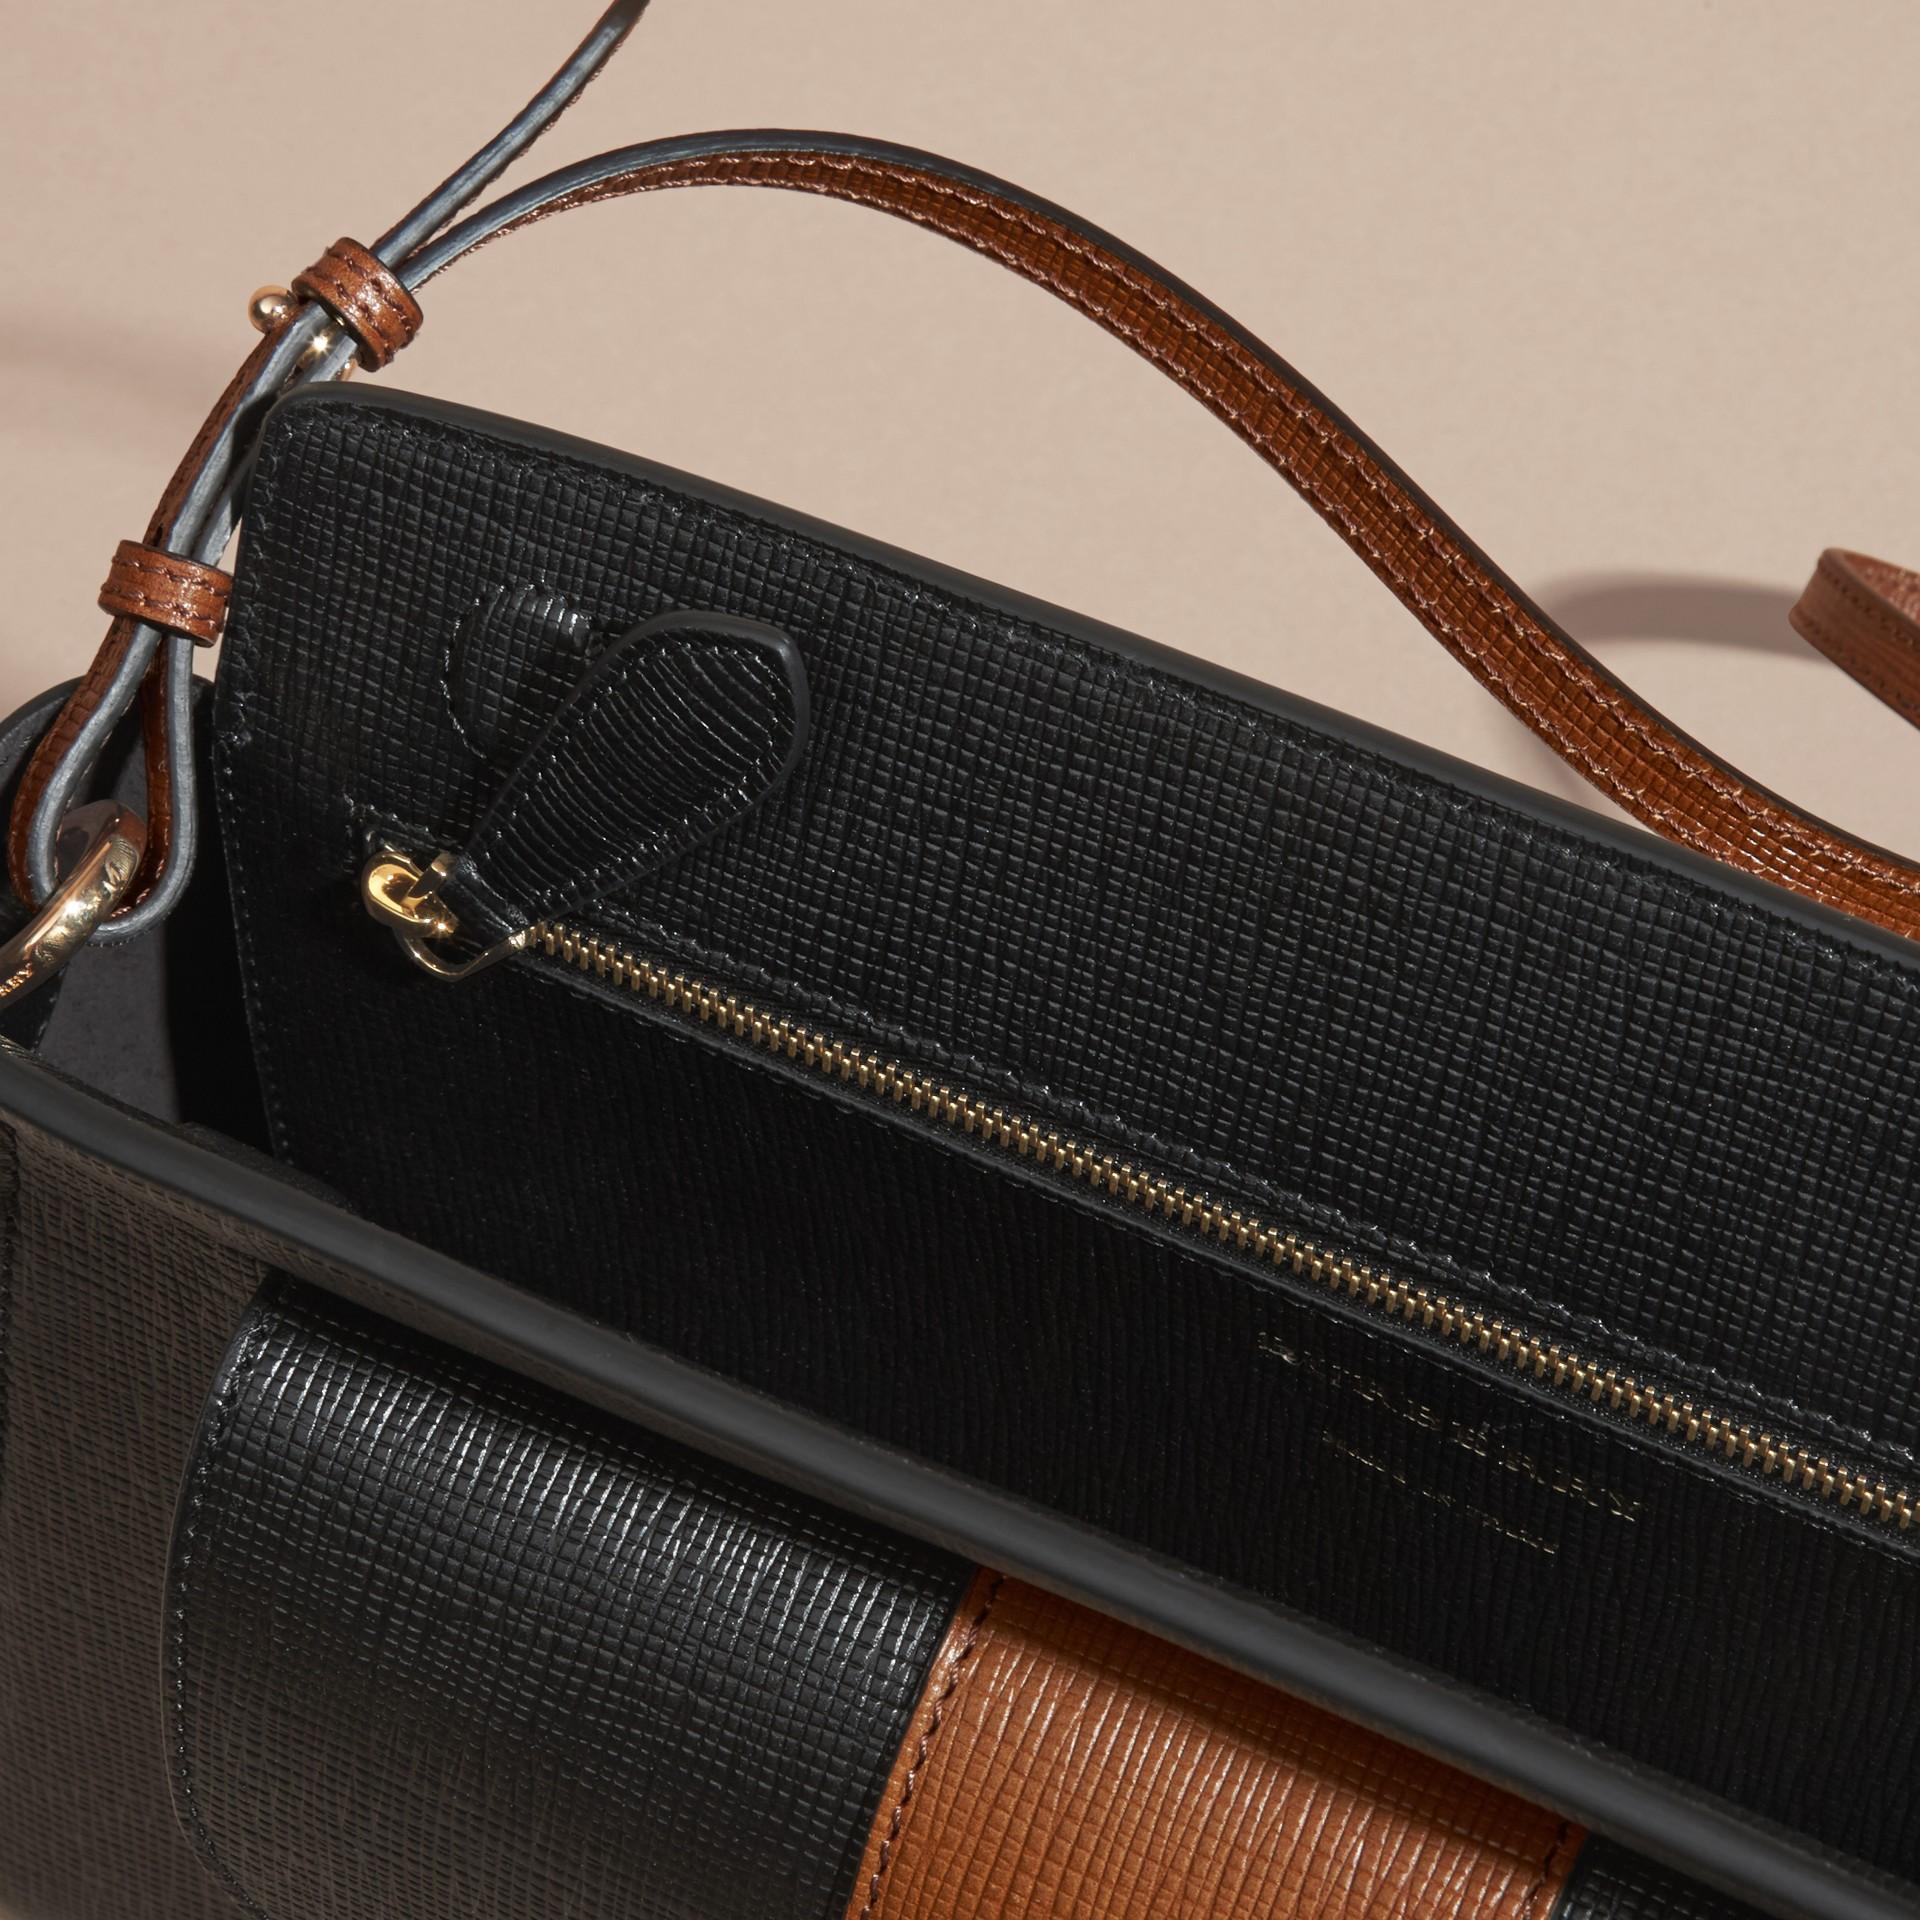 Preto Bolsa clutch Saddle de couro texturizado e aderido - galeria de imagens 6